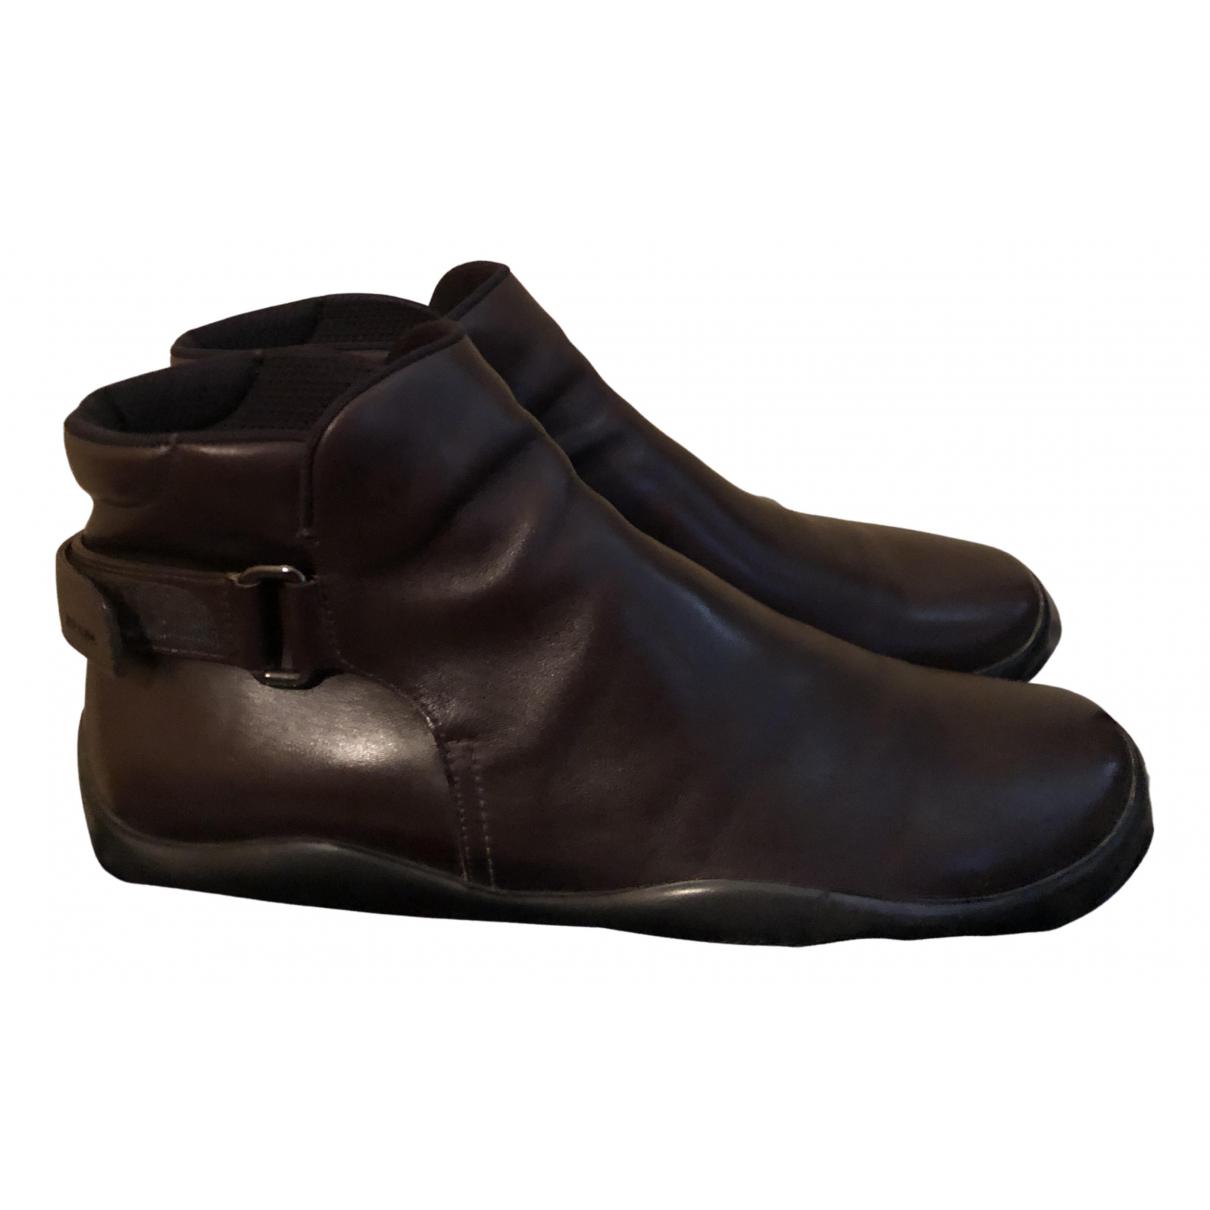 Prada - Bottes.Boots   pour homme en cuir - marron